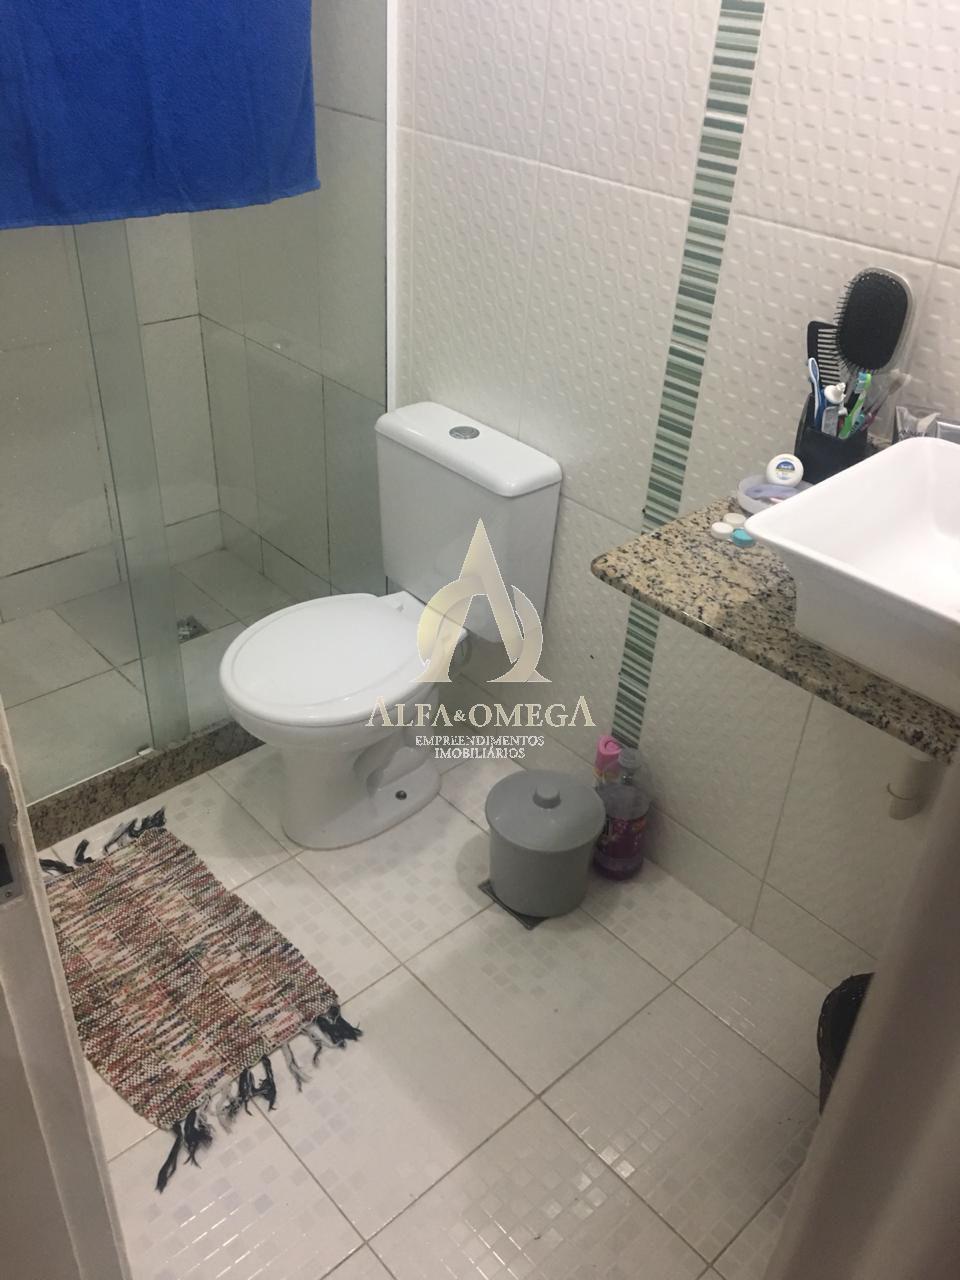 FOTO 9 - Apartamento Pechincha,Rio de Janeiro,RJ À Venda,2 Quartos,60m² - AOJ20048 - 9